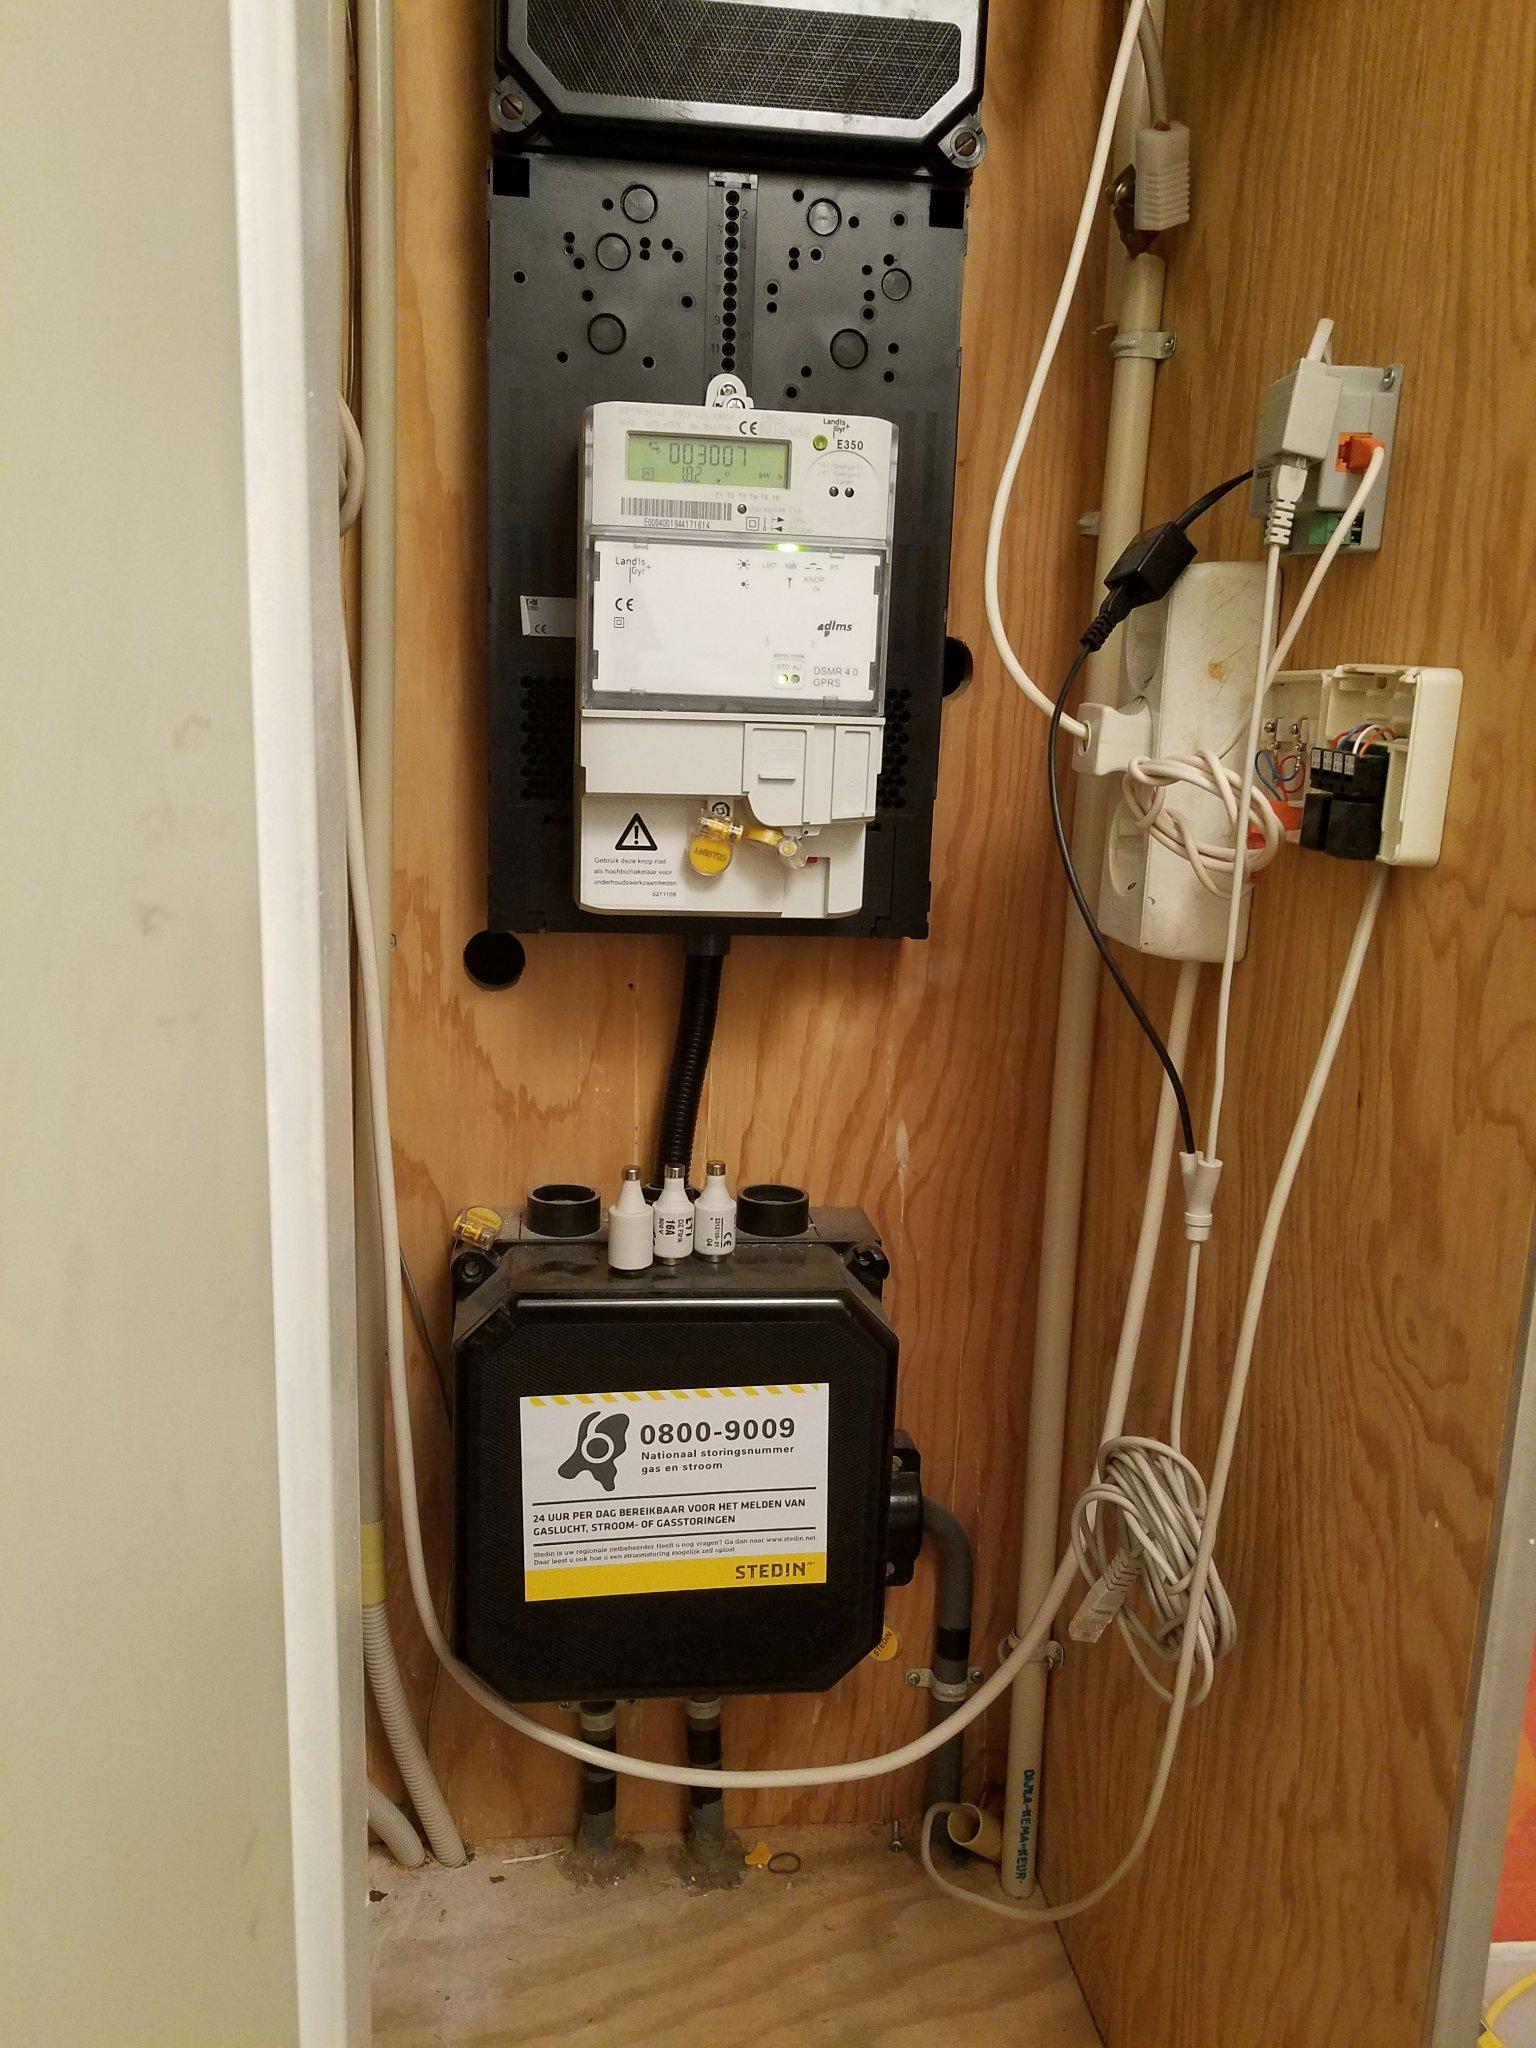 Genoeg Nest Aansluiten op stadsverwarming - Werkspot FR45